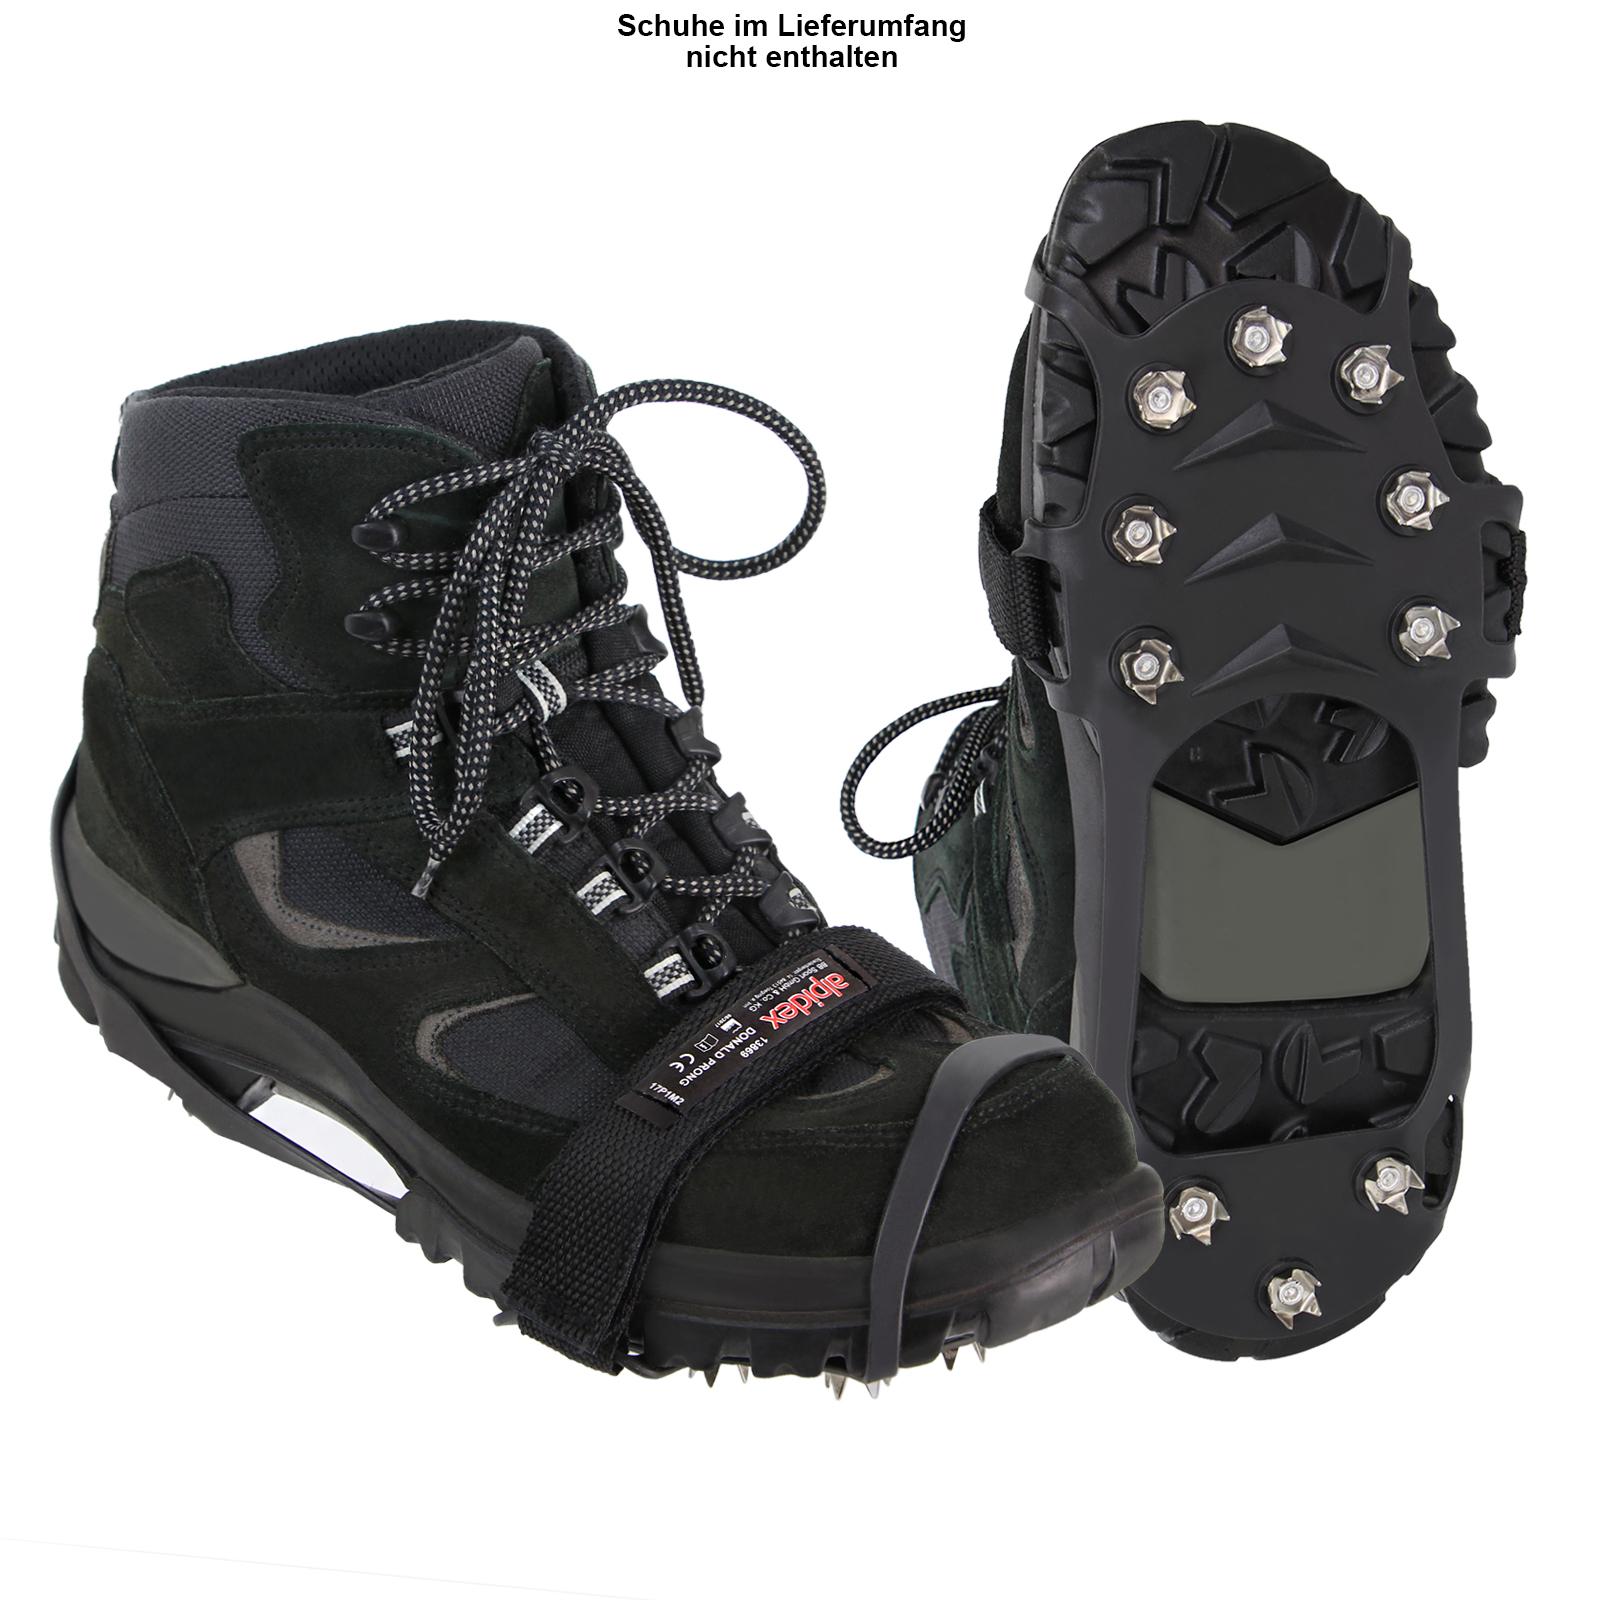 new arrival 79380 6a60b ALPIDEX Anti Rutsch Schuh Spikes Ice Grips in verschiedenen ...